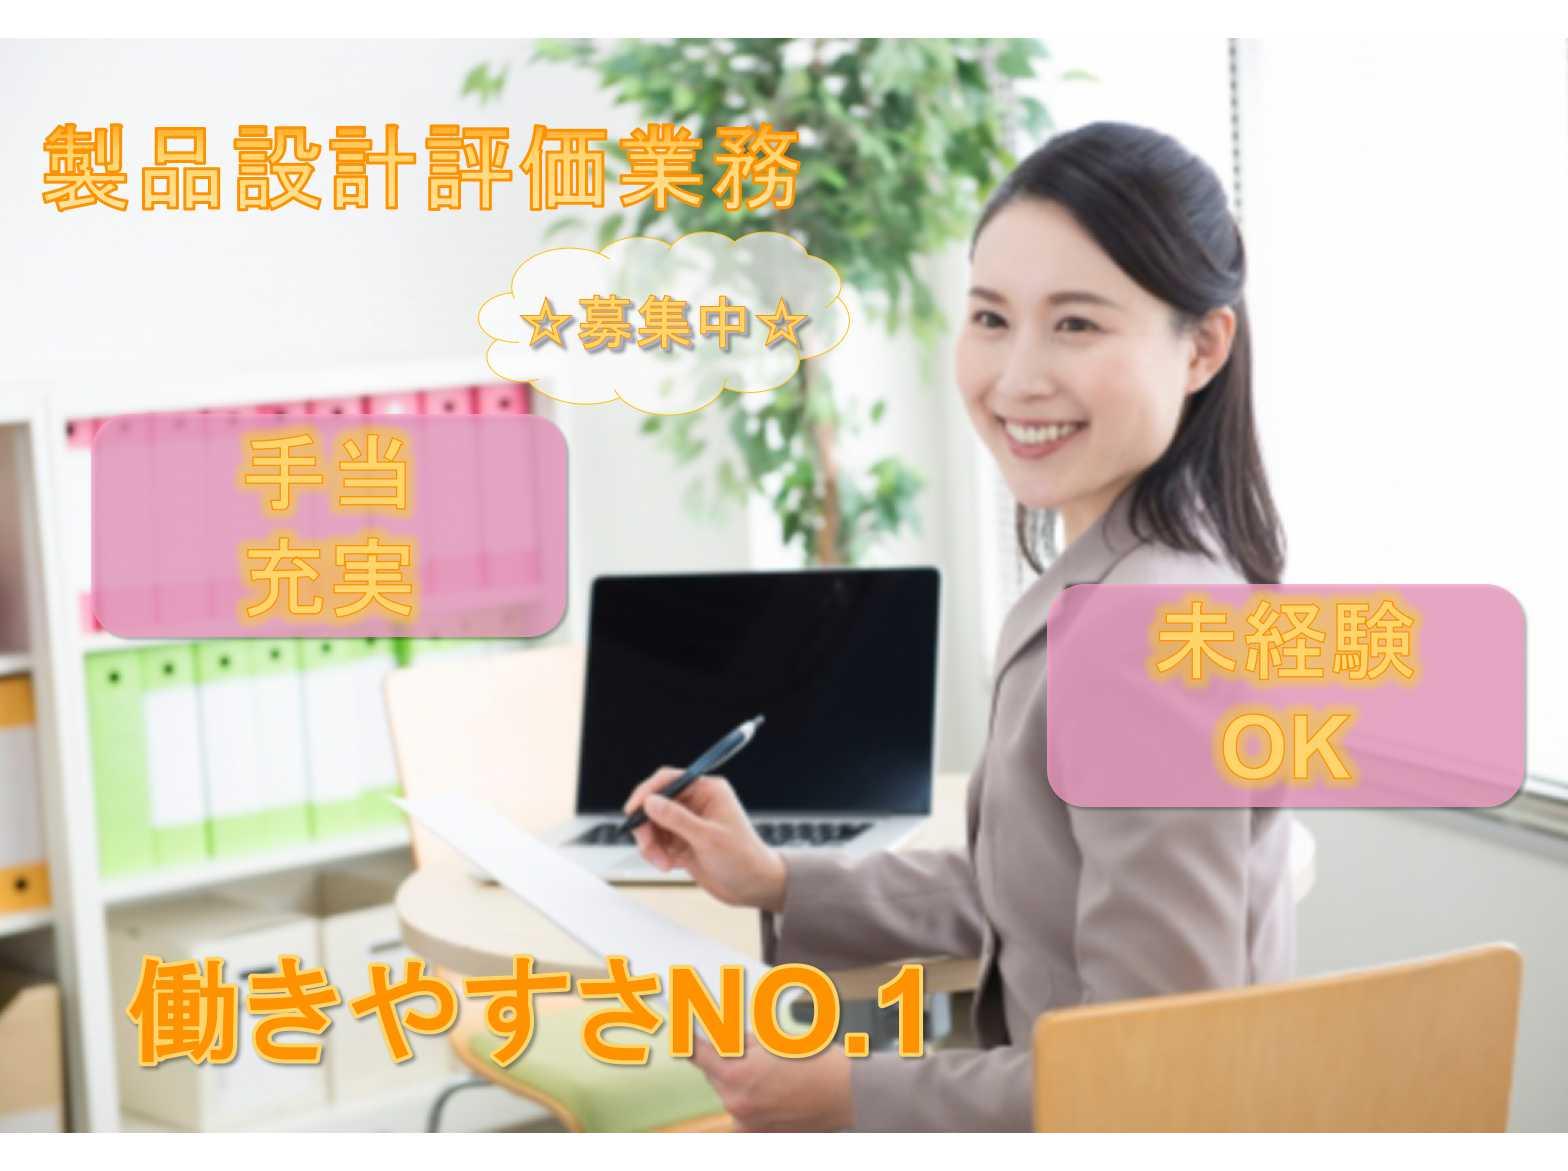 【愛知県小牧市】❖MicrosoftOfficeが使えればOK❖手当充実❖製品設計評価業務❖募集中❖ イメージ